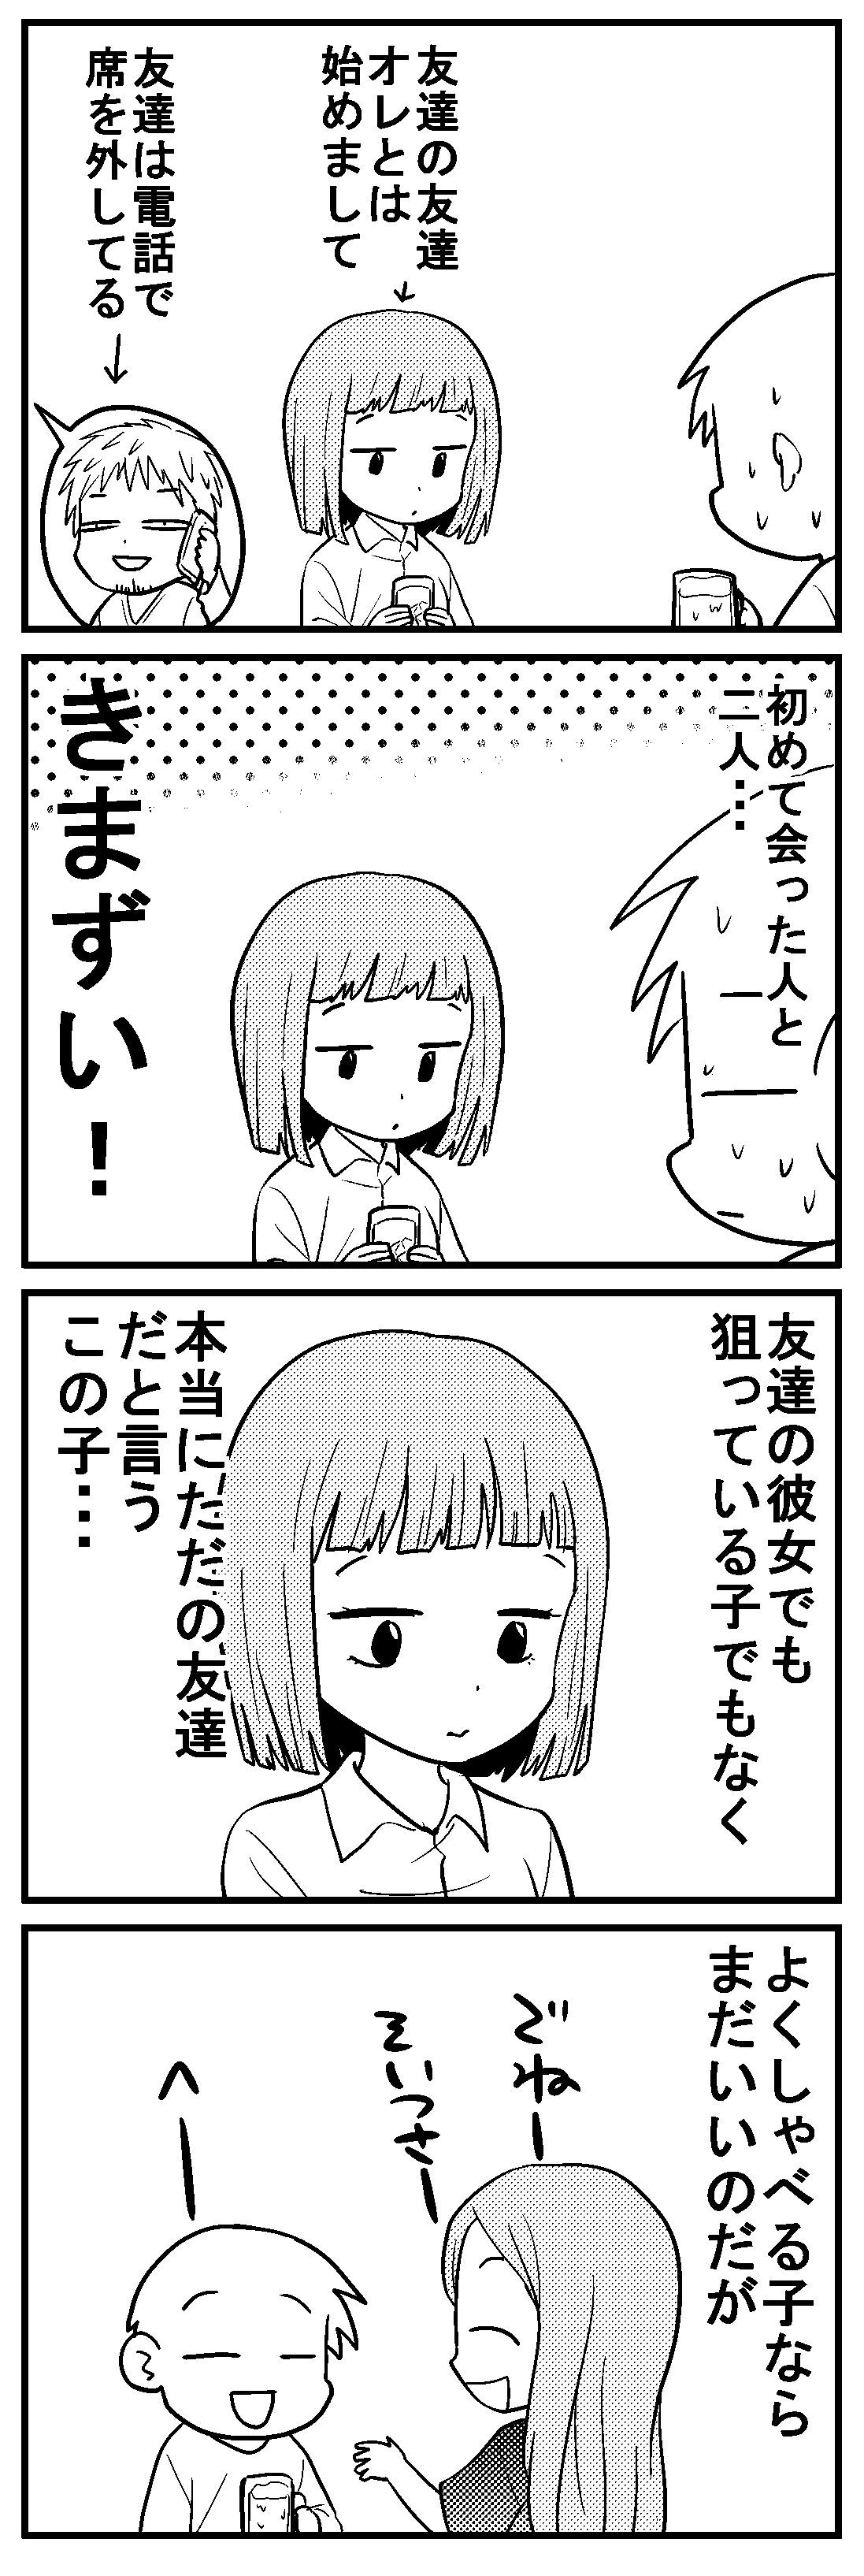 深読みくん24③